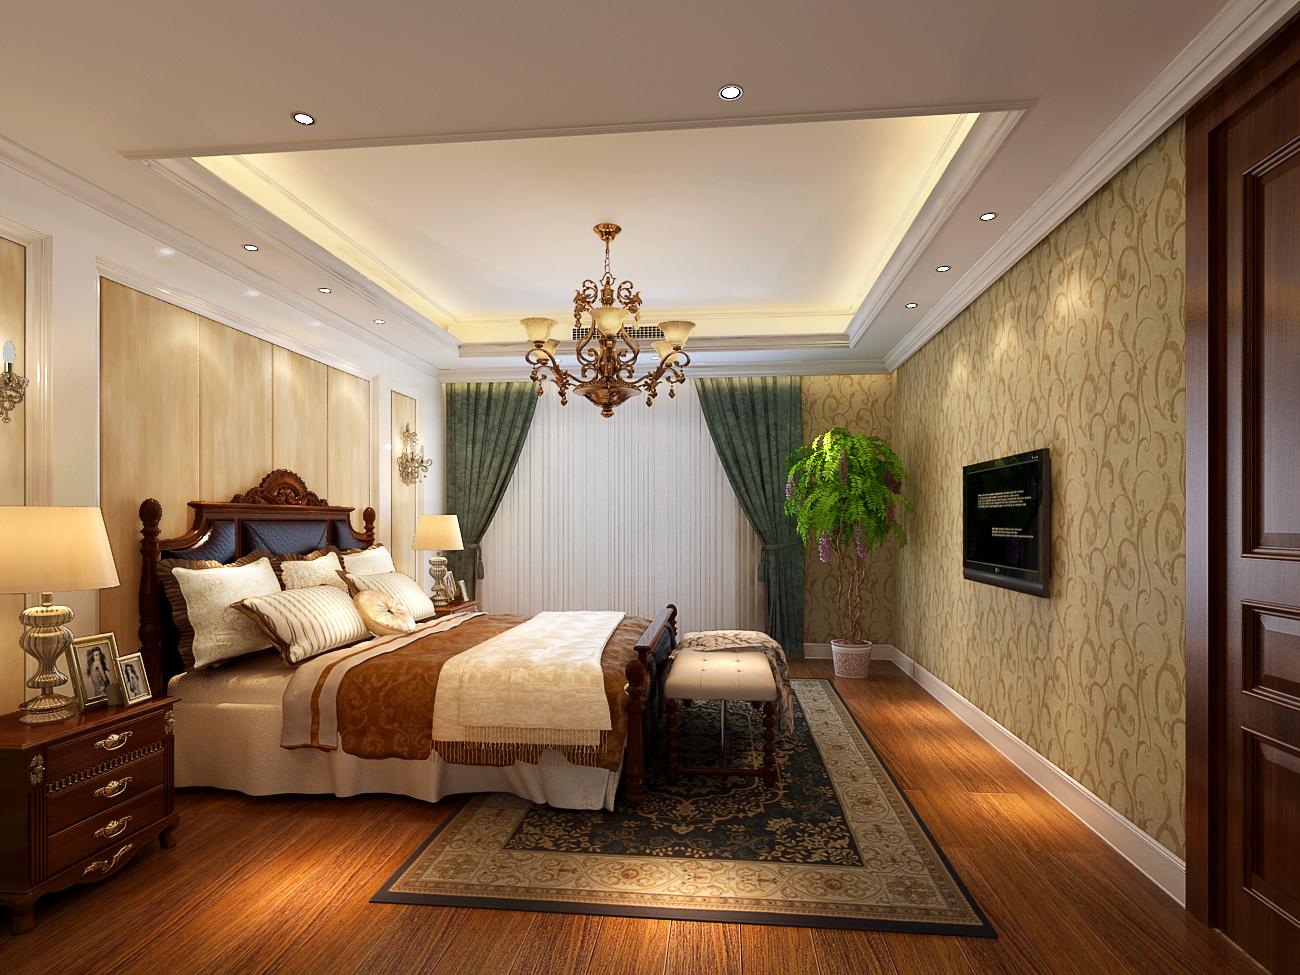 卧室: 墙面用壁纸装饰,地面浅色地砖,配上古典欧式风格衣柜和床,整体